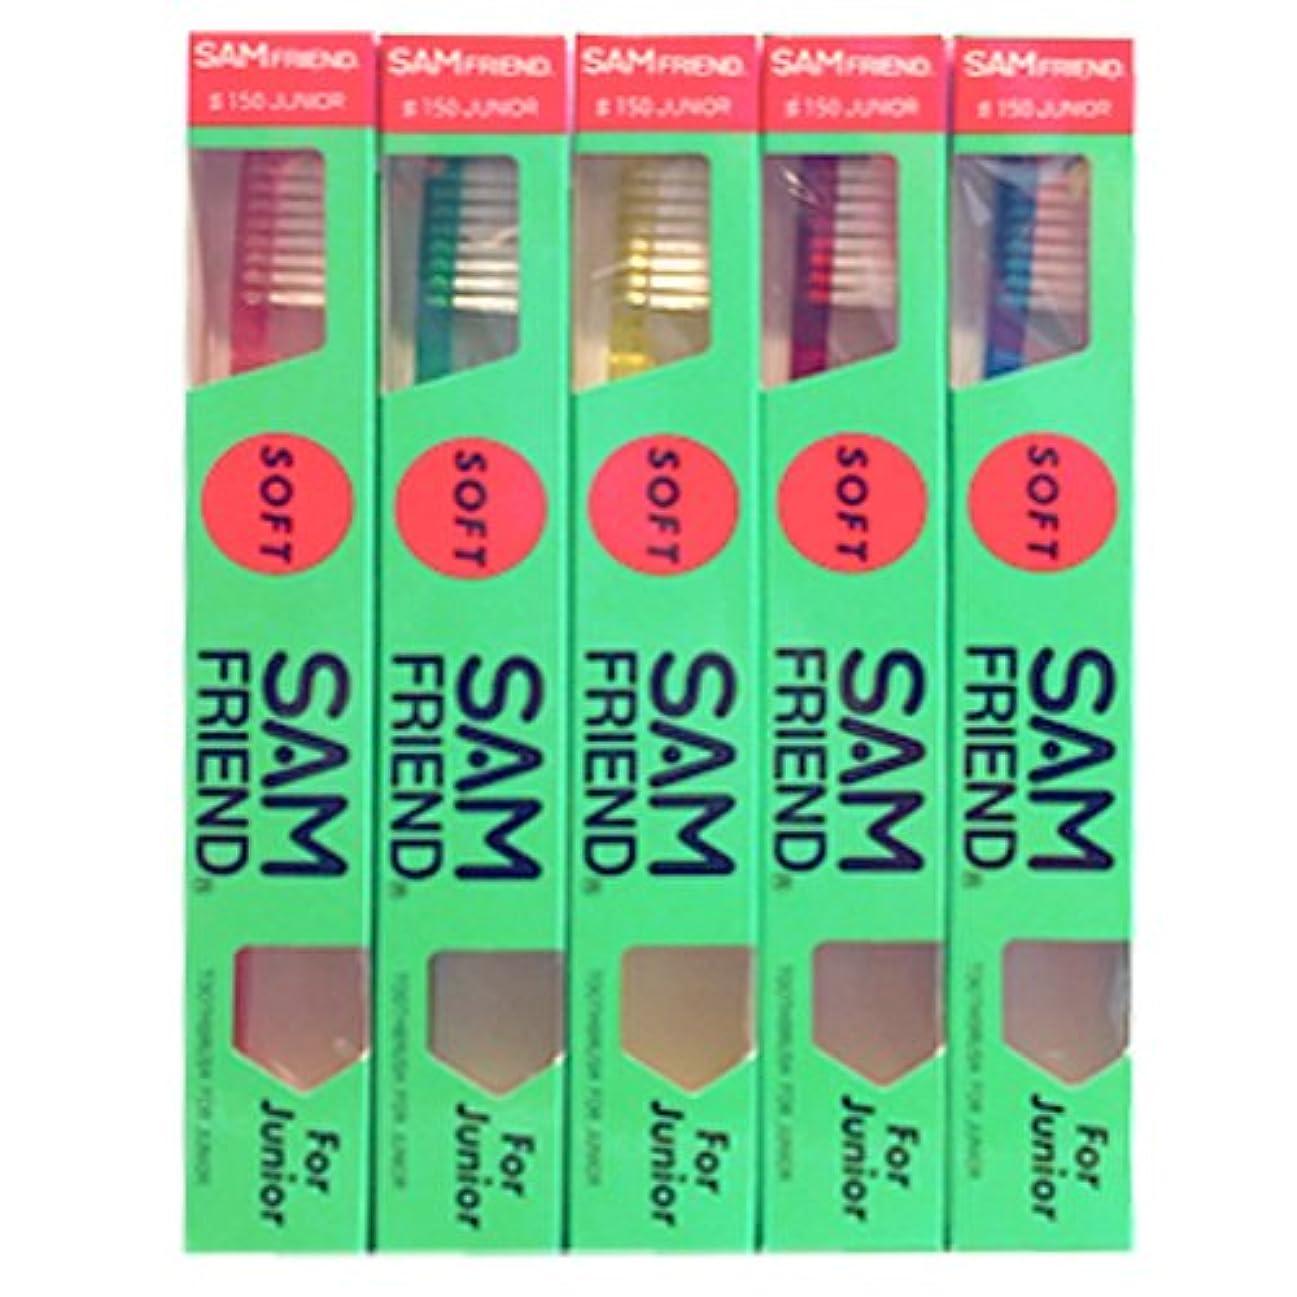 眠るメナジェリー選挙サムフレンド サムフレンド 歯ブラシ #150ジュニア 5色セット 6~12才用 歯並びが複雑で汚れやすい小さな口 ソフト